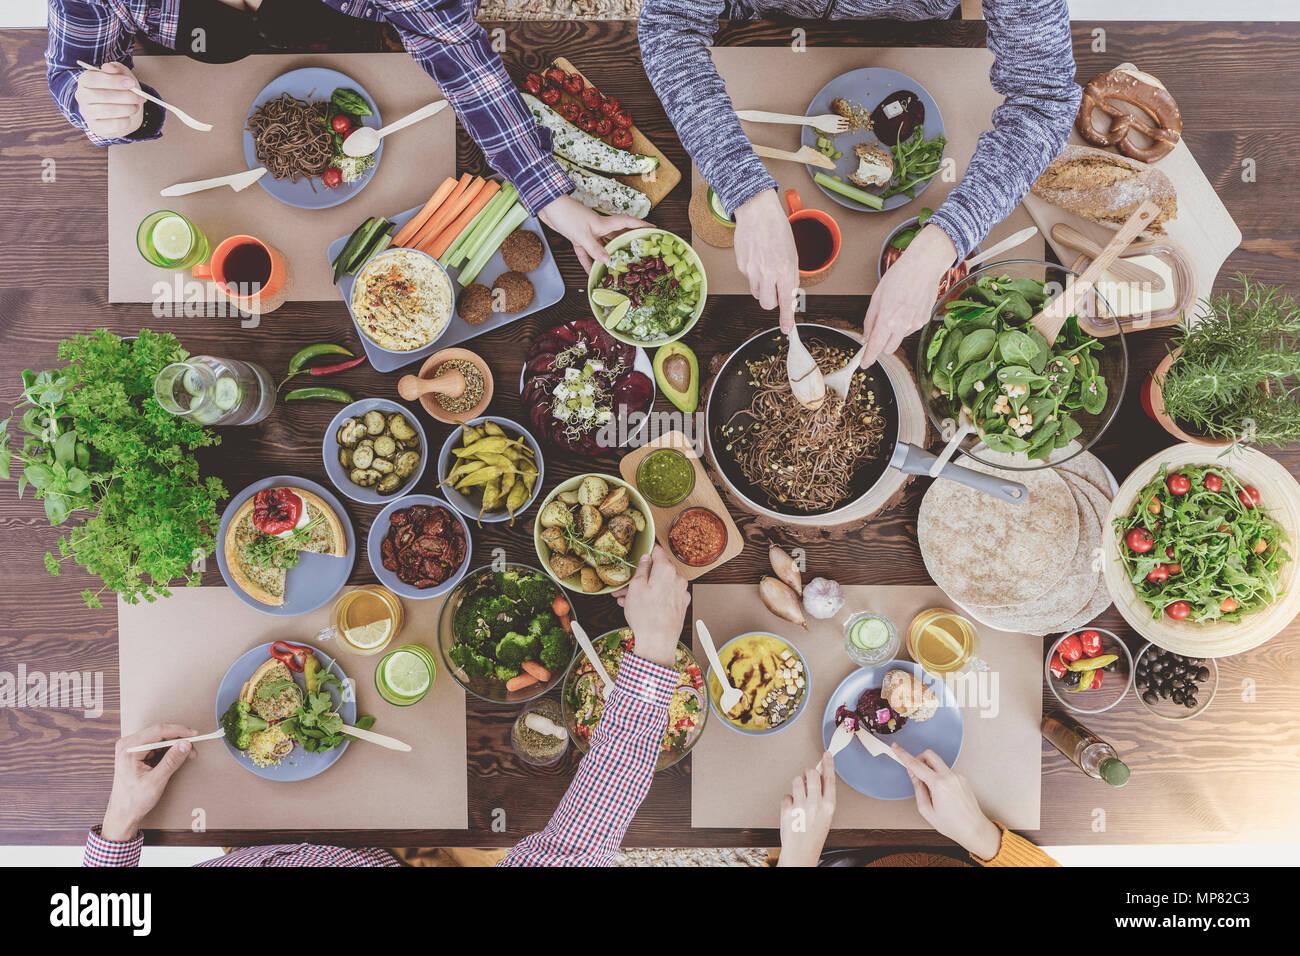 People enjoying family dinner at vegetarian restaurant - Stock Image